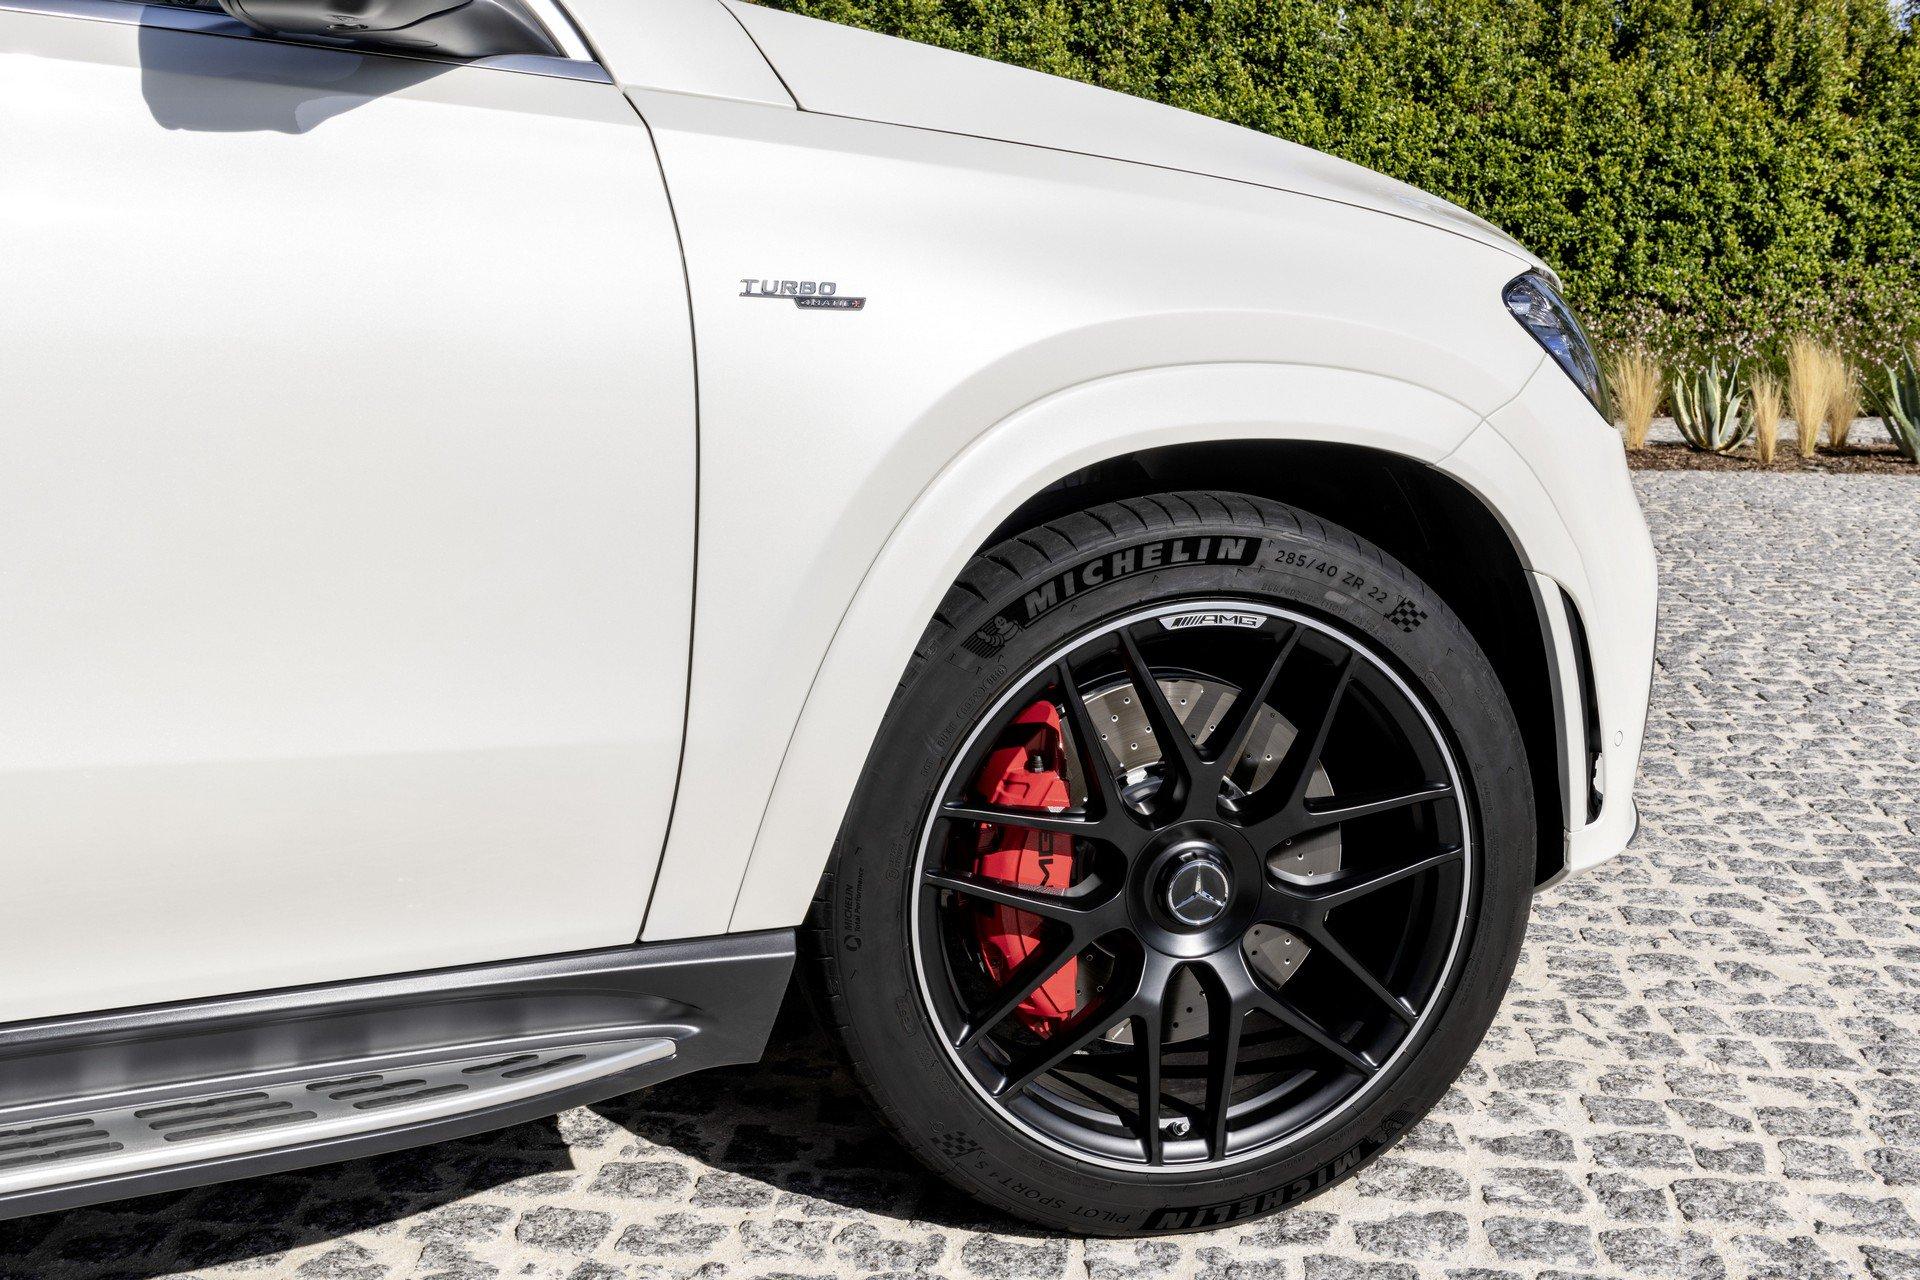 3ae67c6e-2020-mercedes-gle-coupe-46